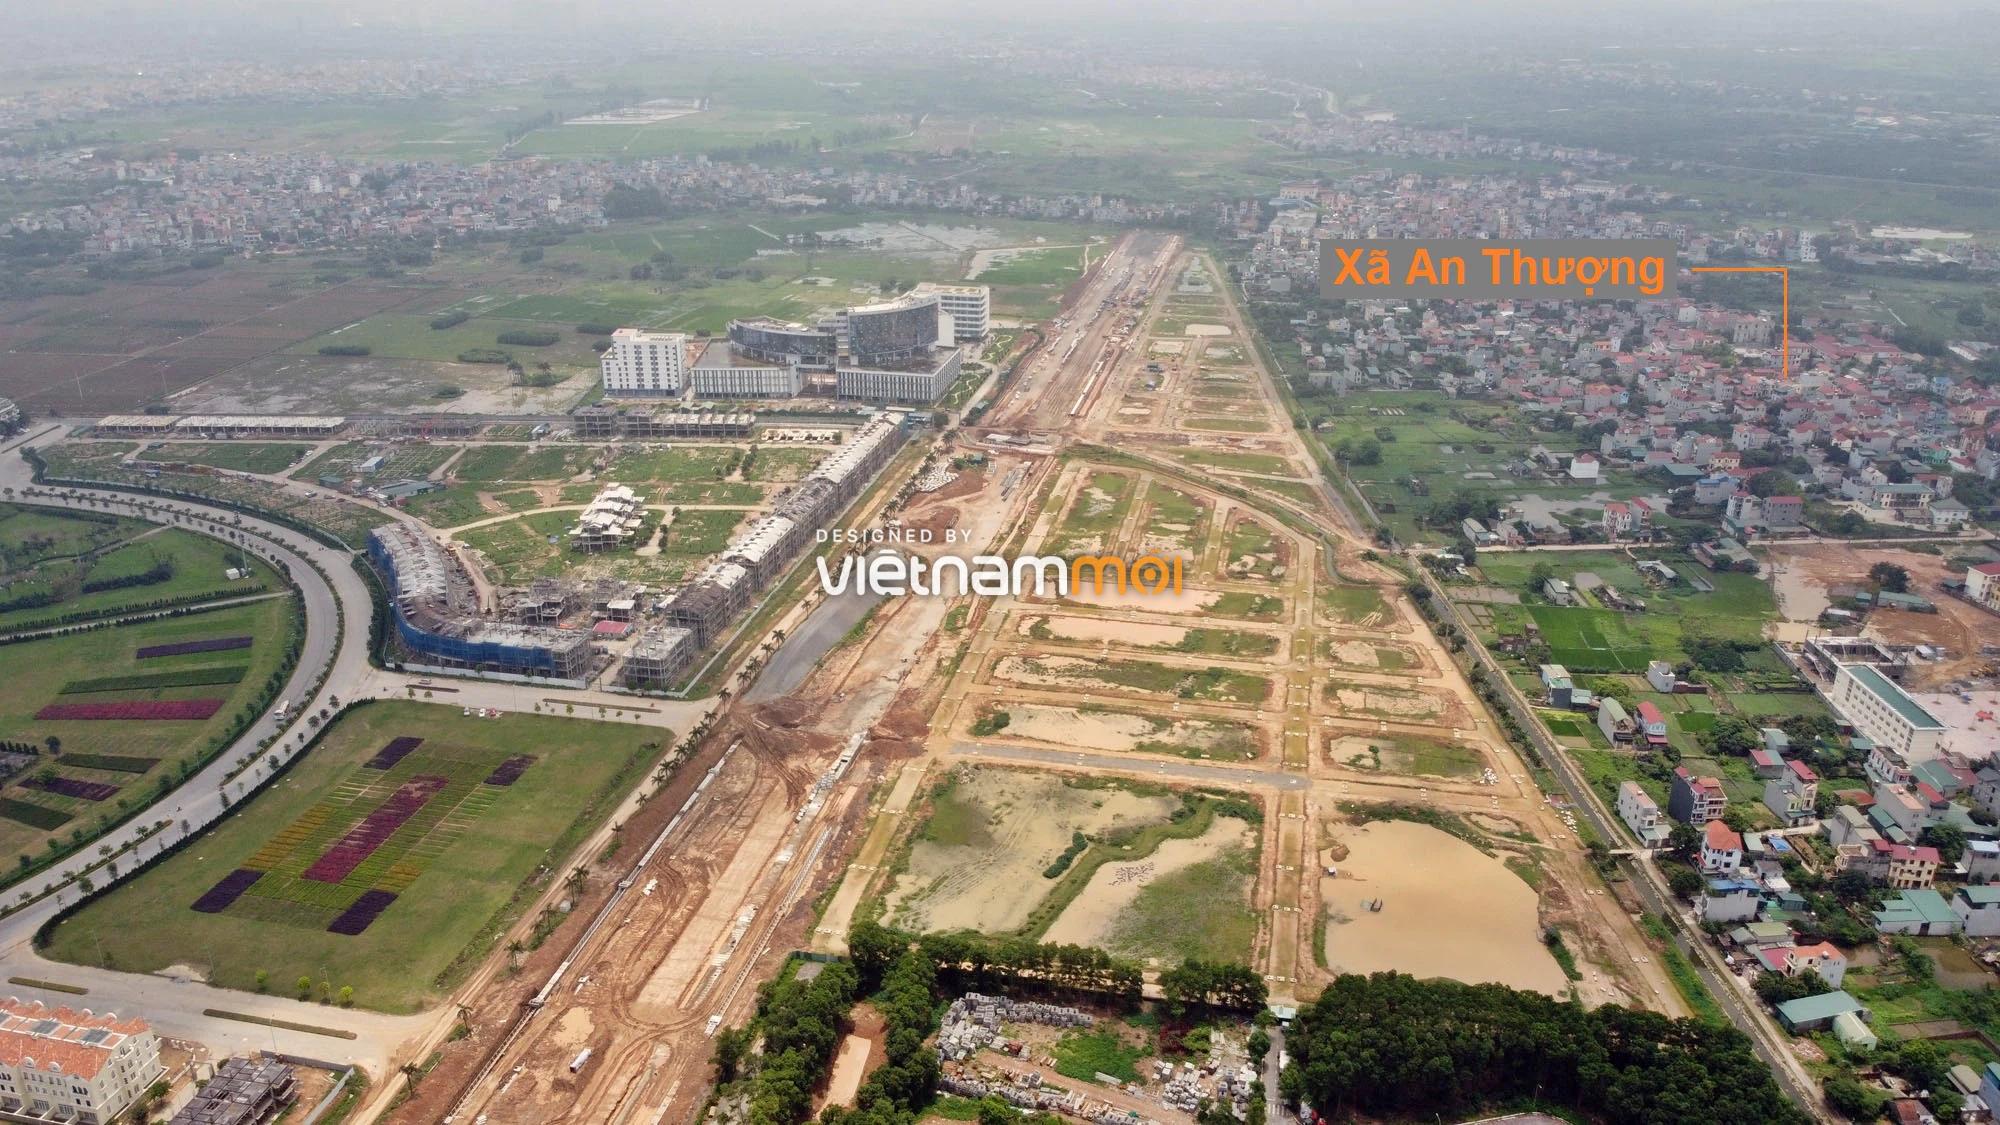 Toàn cảnh đường nối Đại lộ Thăng Long - tỉnh lộ 423 qua KĐT Nam An Khánh đang mở theo quy hoạch ở Hà Nội - Ảnh 15.